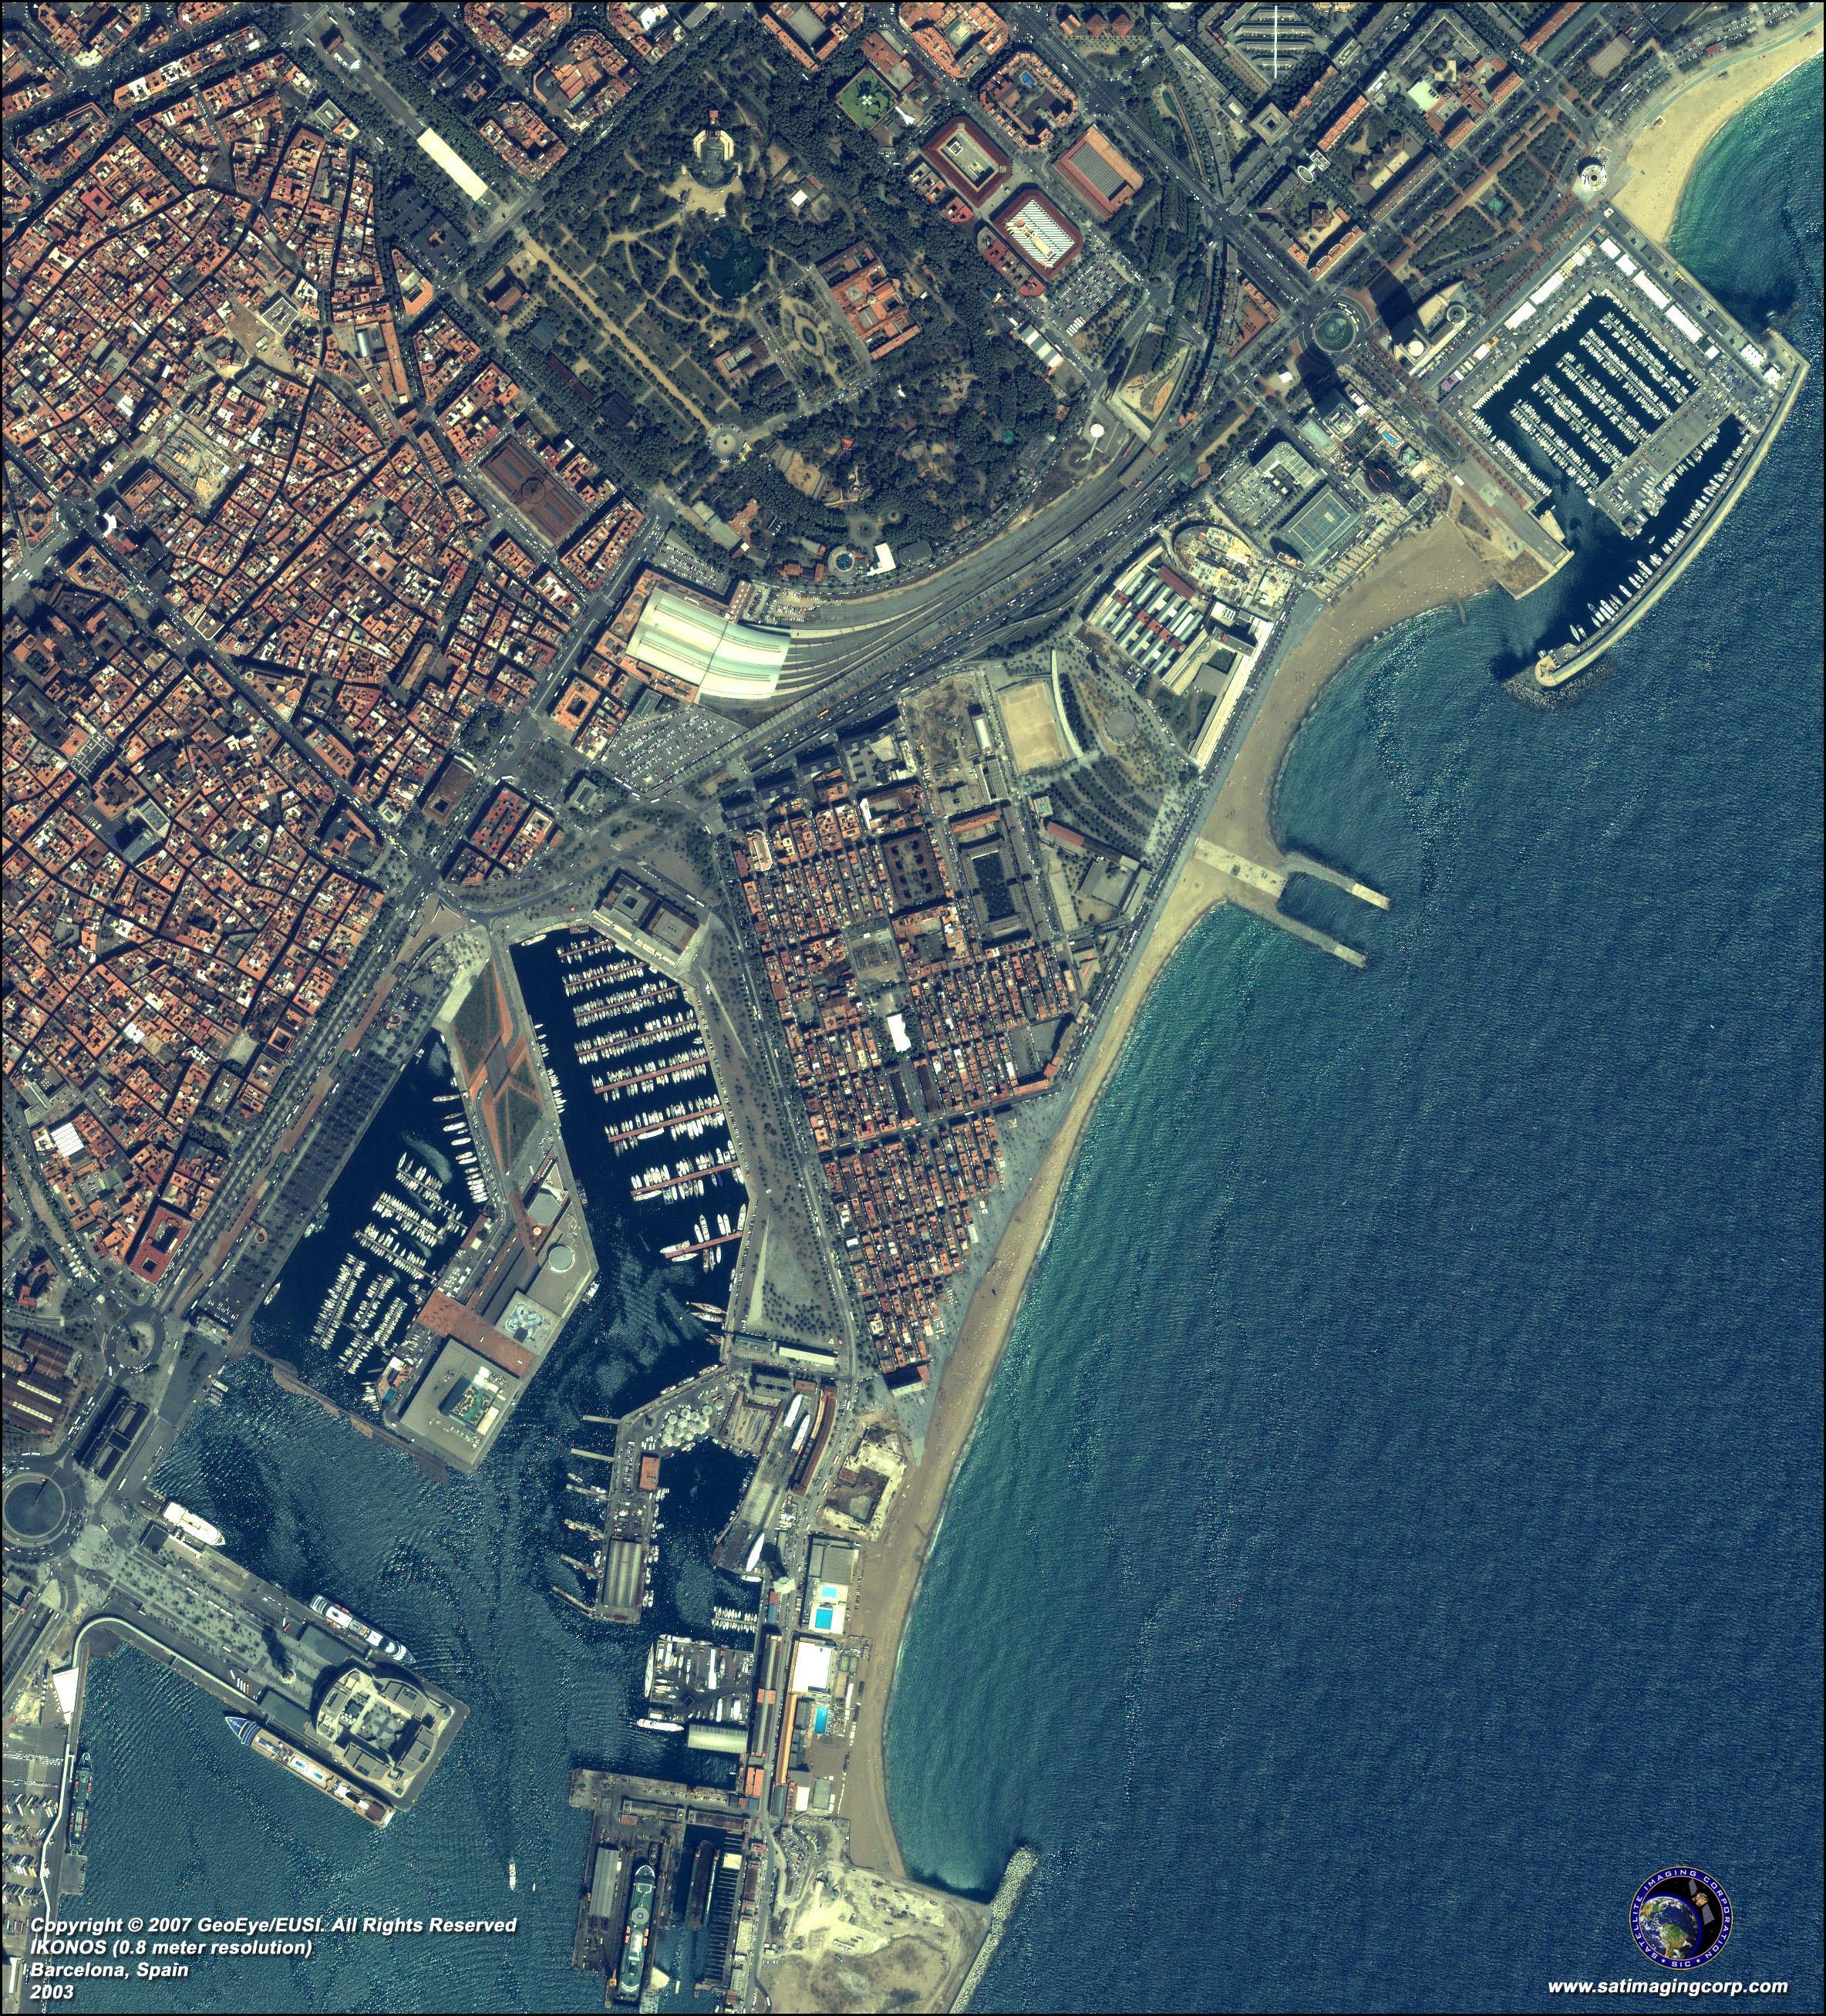 Barcelona Harta Prin Satelit Harta De Barcelona Prin Satelit